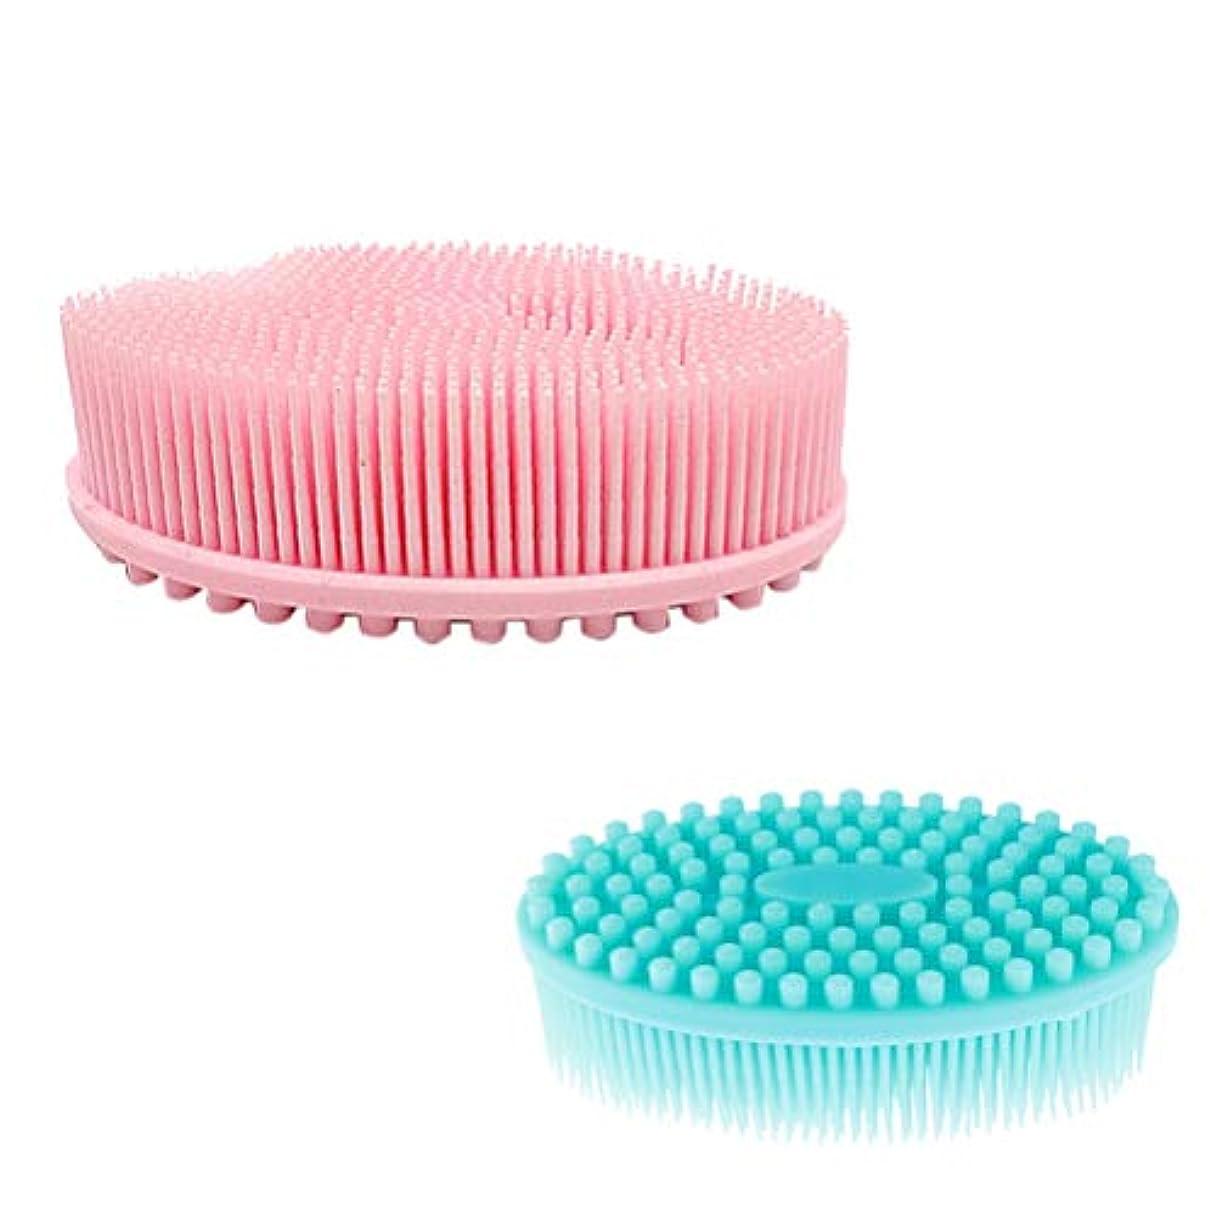 規定ゲージ世代Healifty 2ピース ベビー ボディ ヘア シャンプー ブラシ 血行促進 角質除去 美肌効果 お風呂用 シリコン製